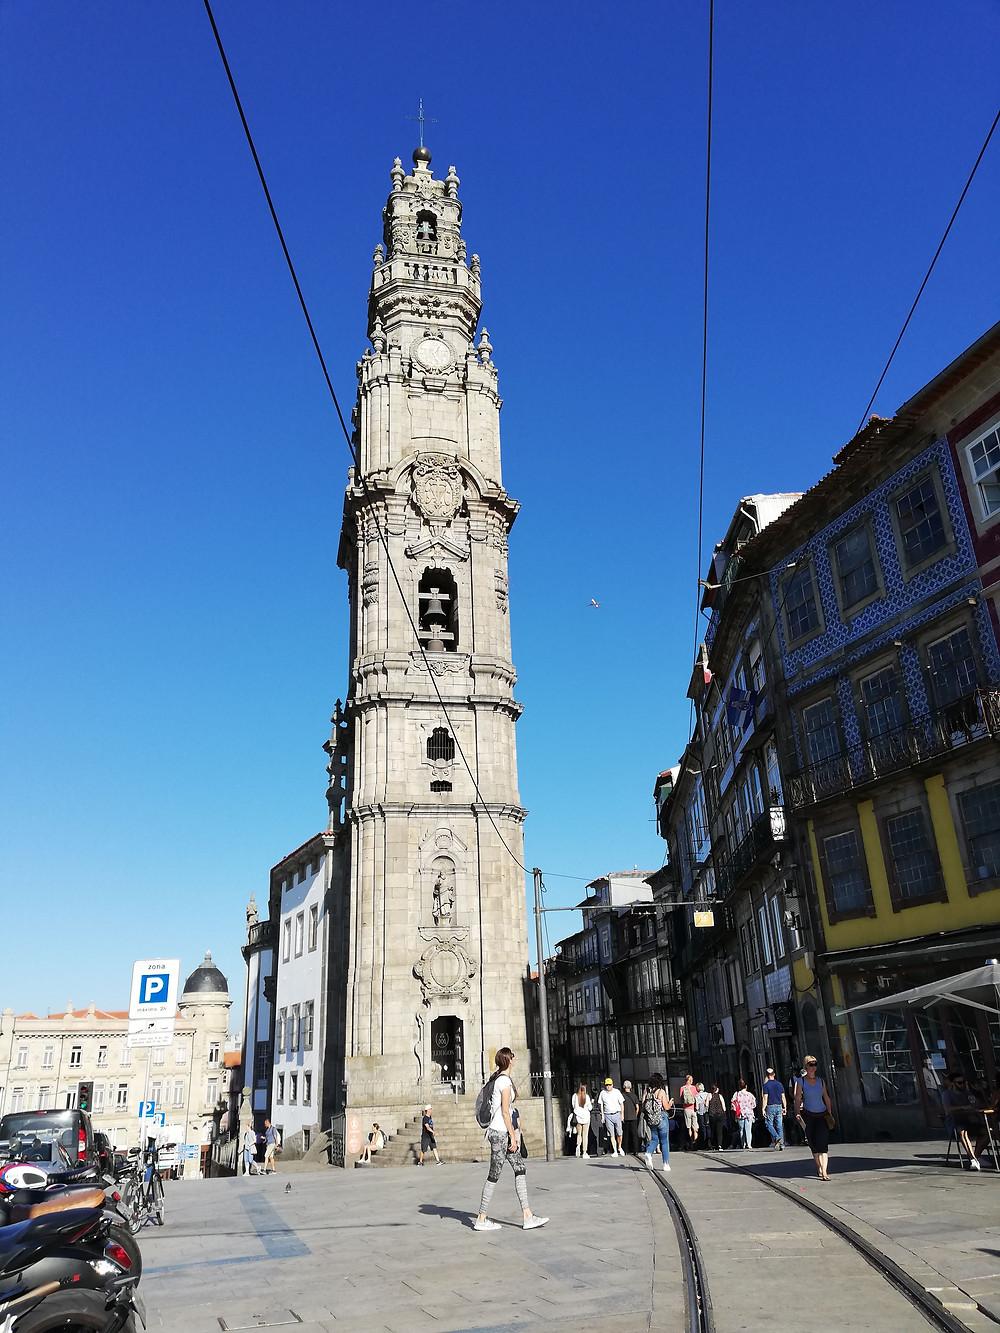 torre dos clerigos ingresso antecipado